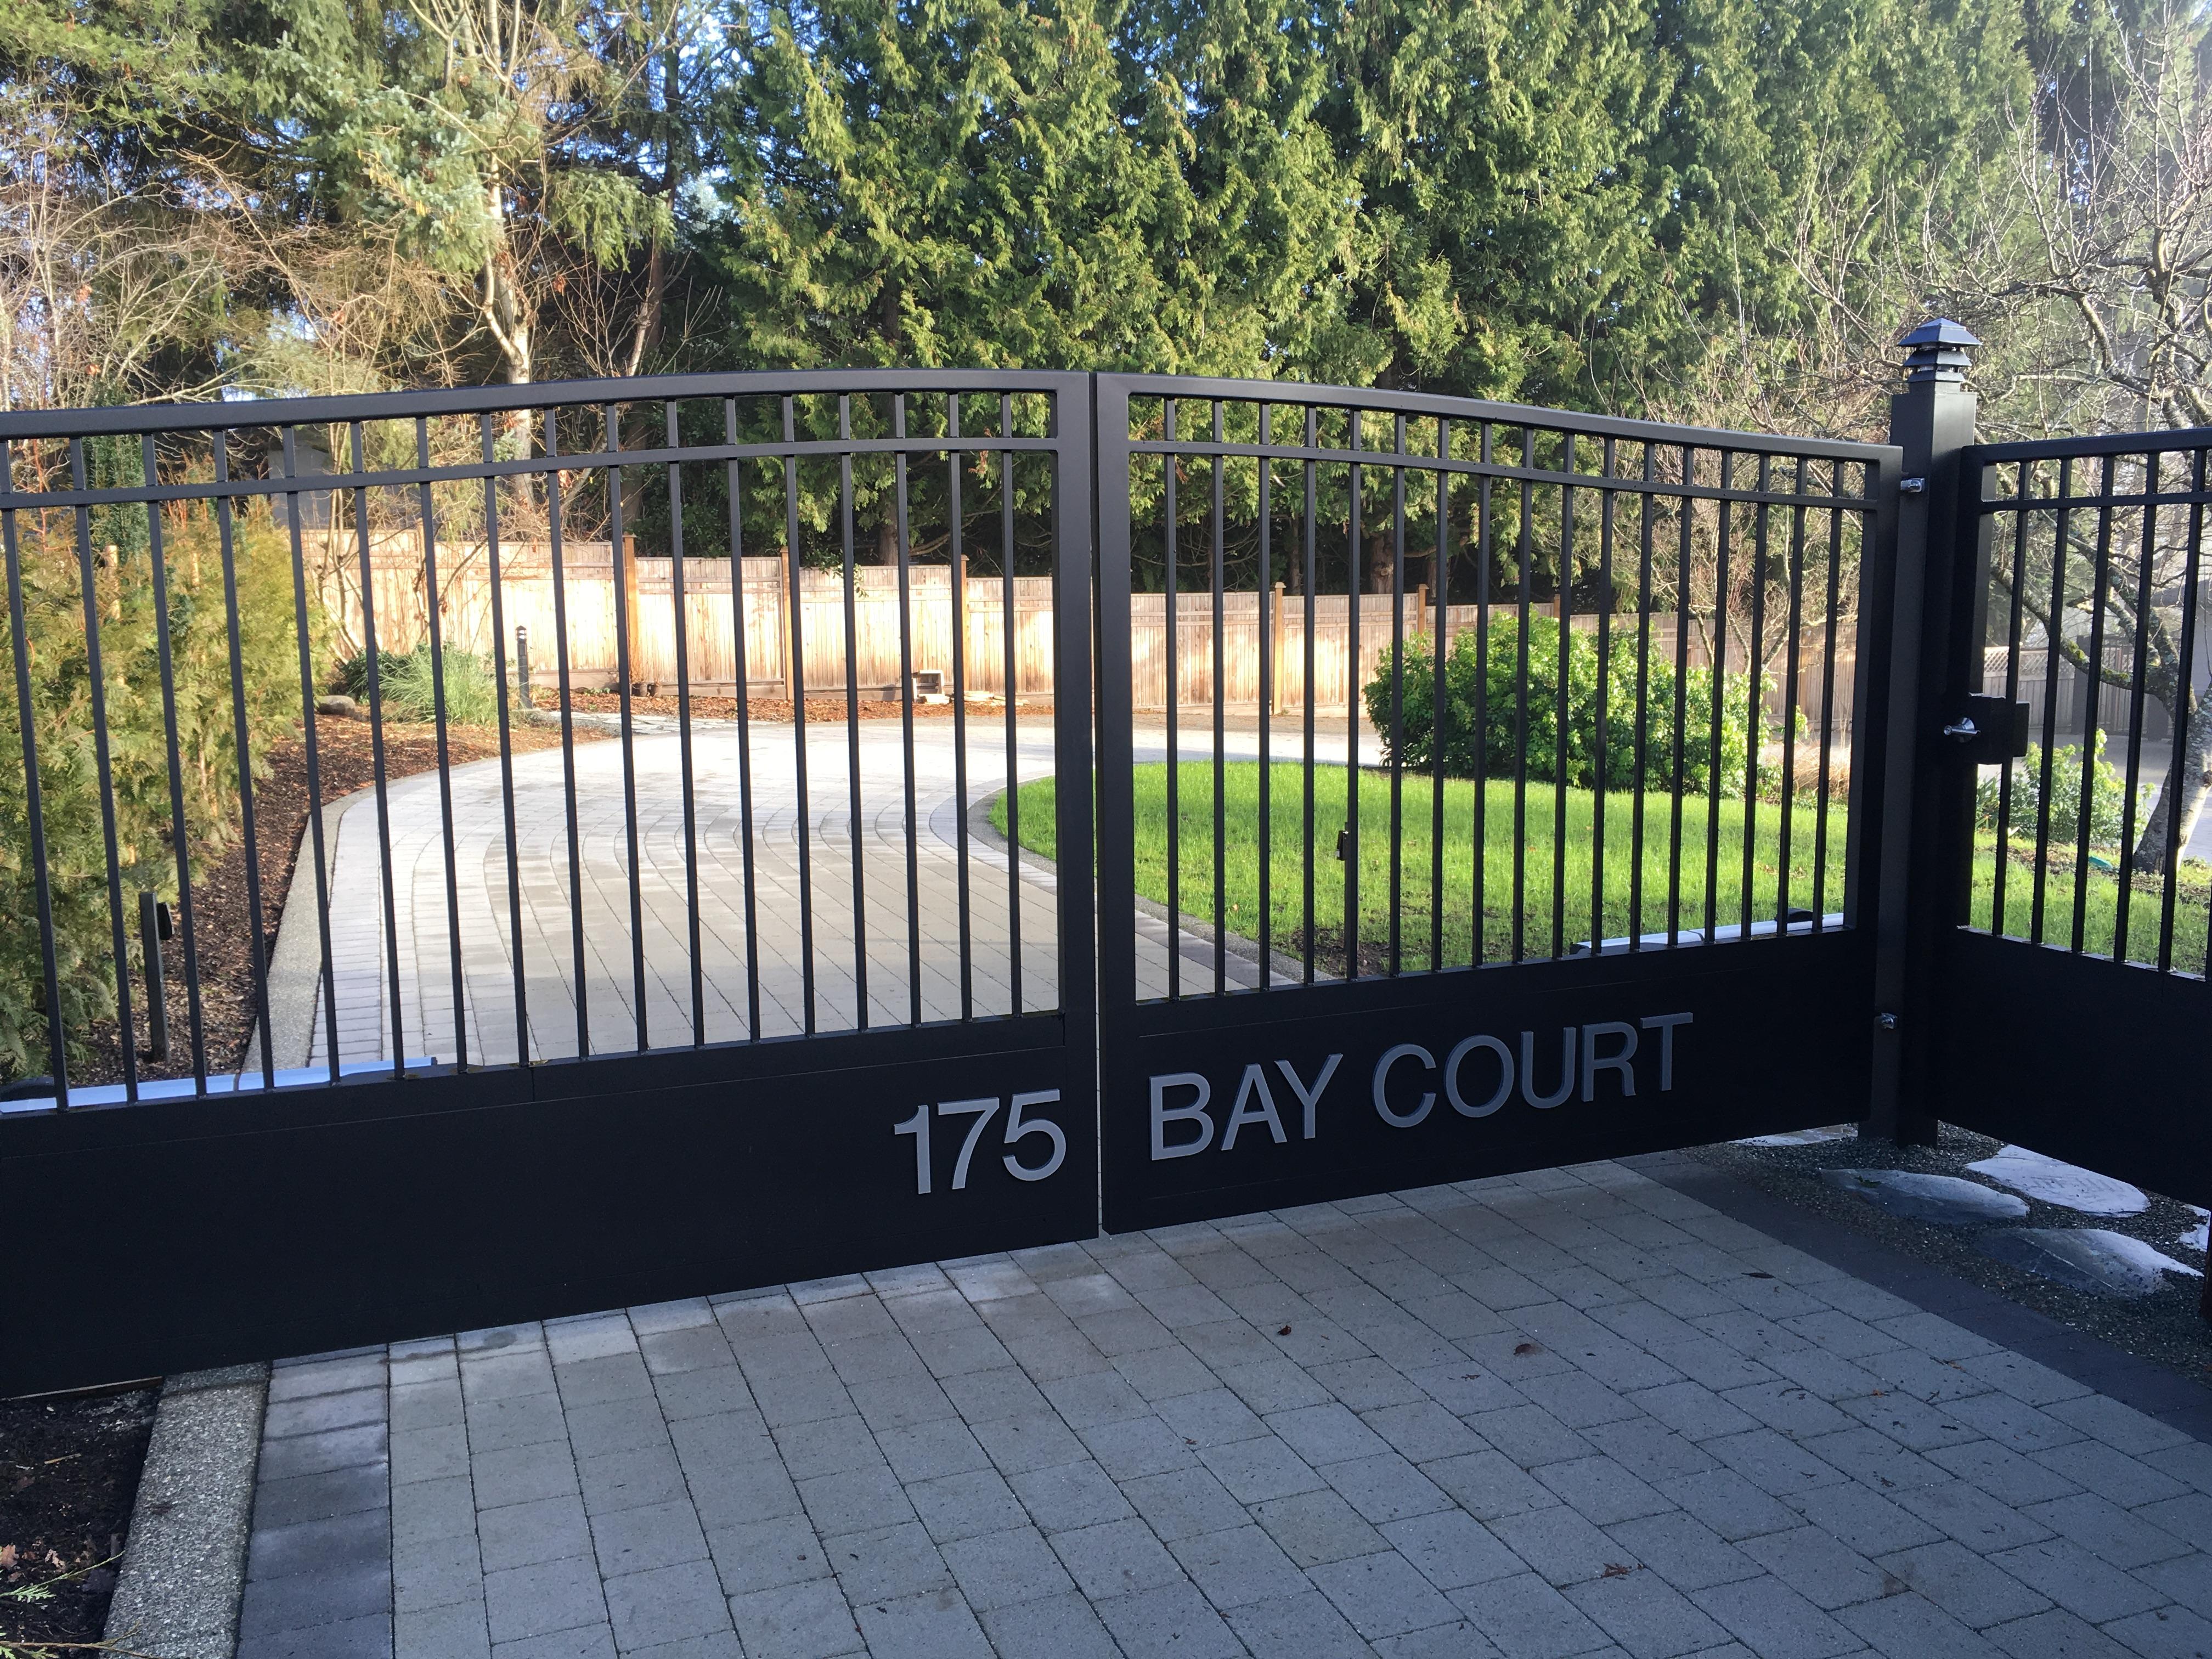 72.Bay Court